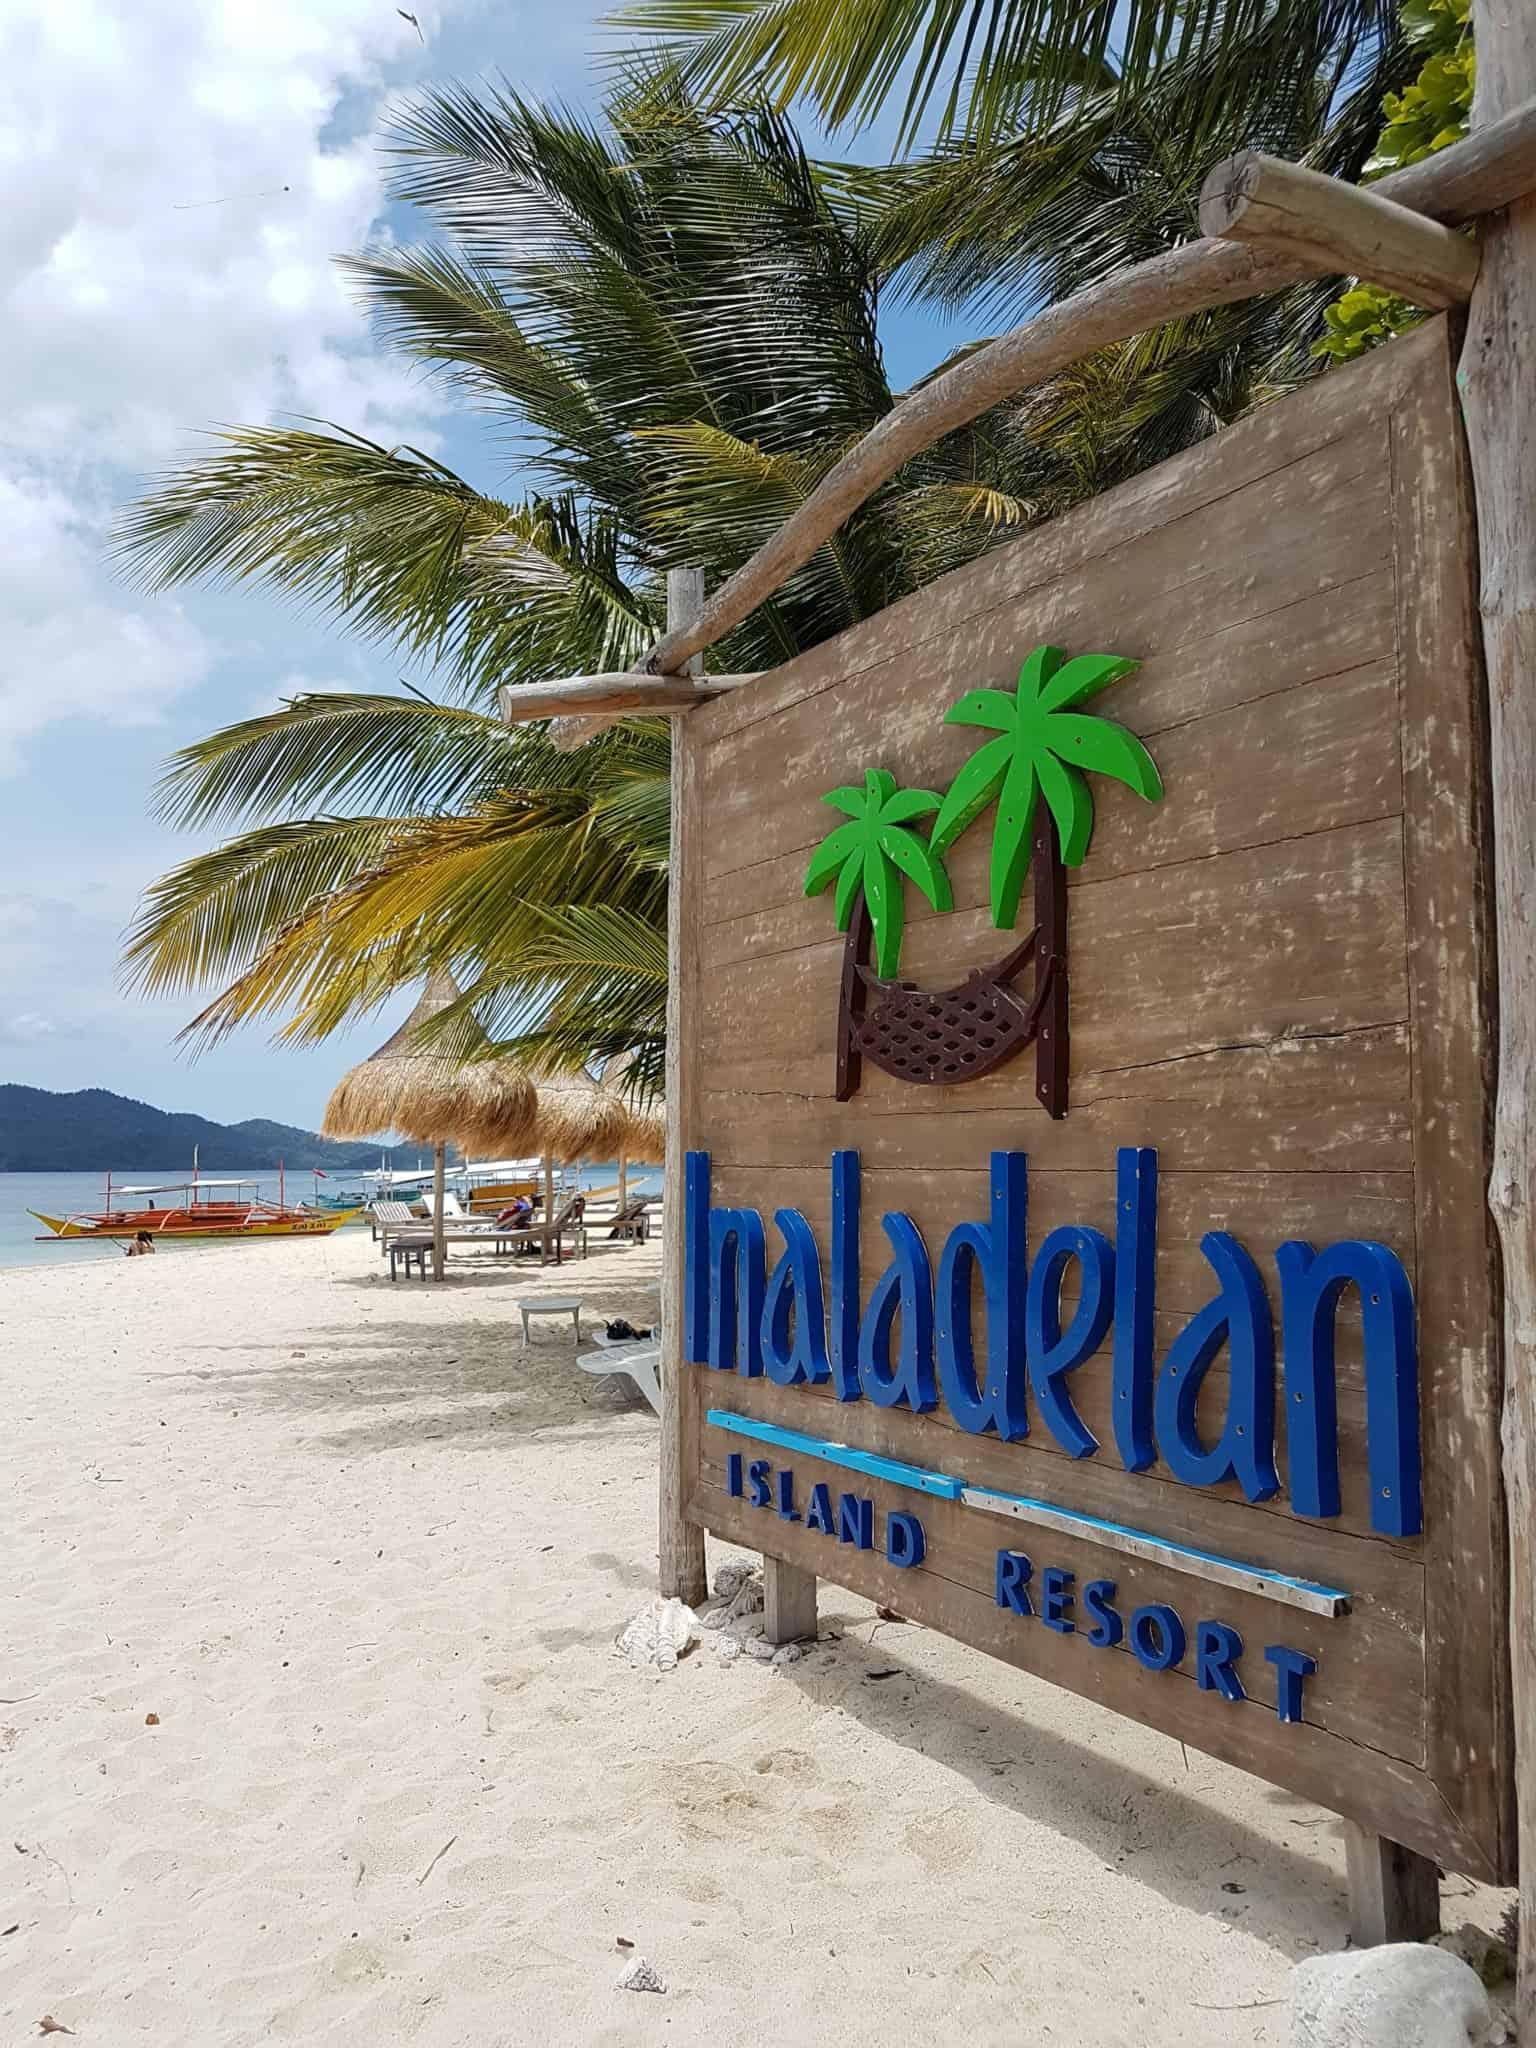 Philippines, comment je me suis retrouvée seule sur une île déserte 🧜♀️ 18